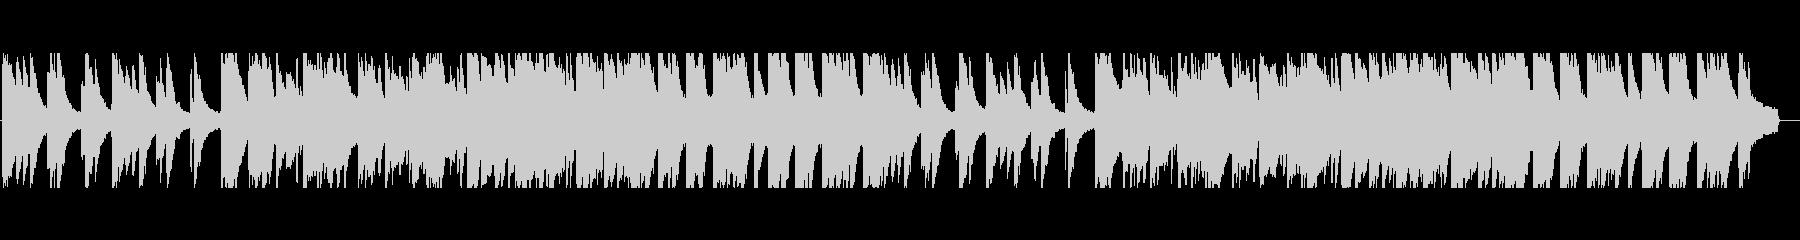 穏やかでノスタルジックなピアノバラードの未再生の波形